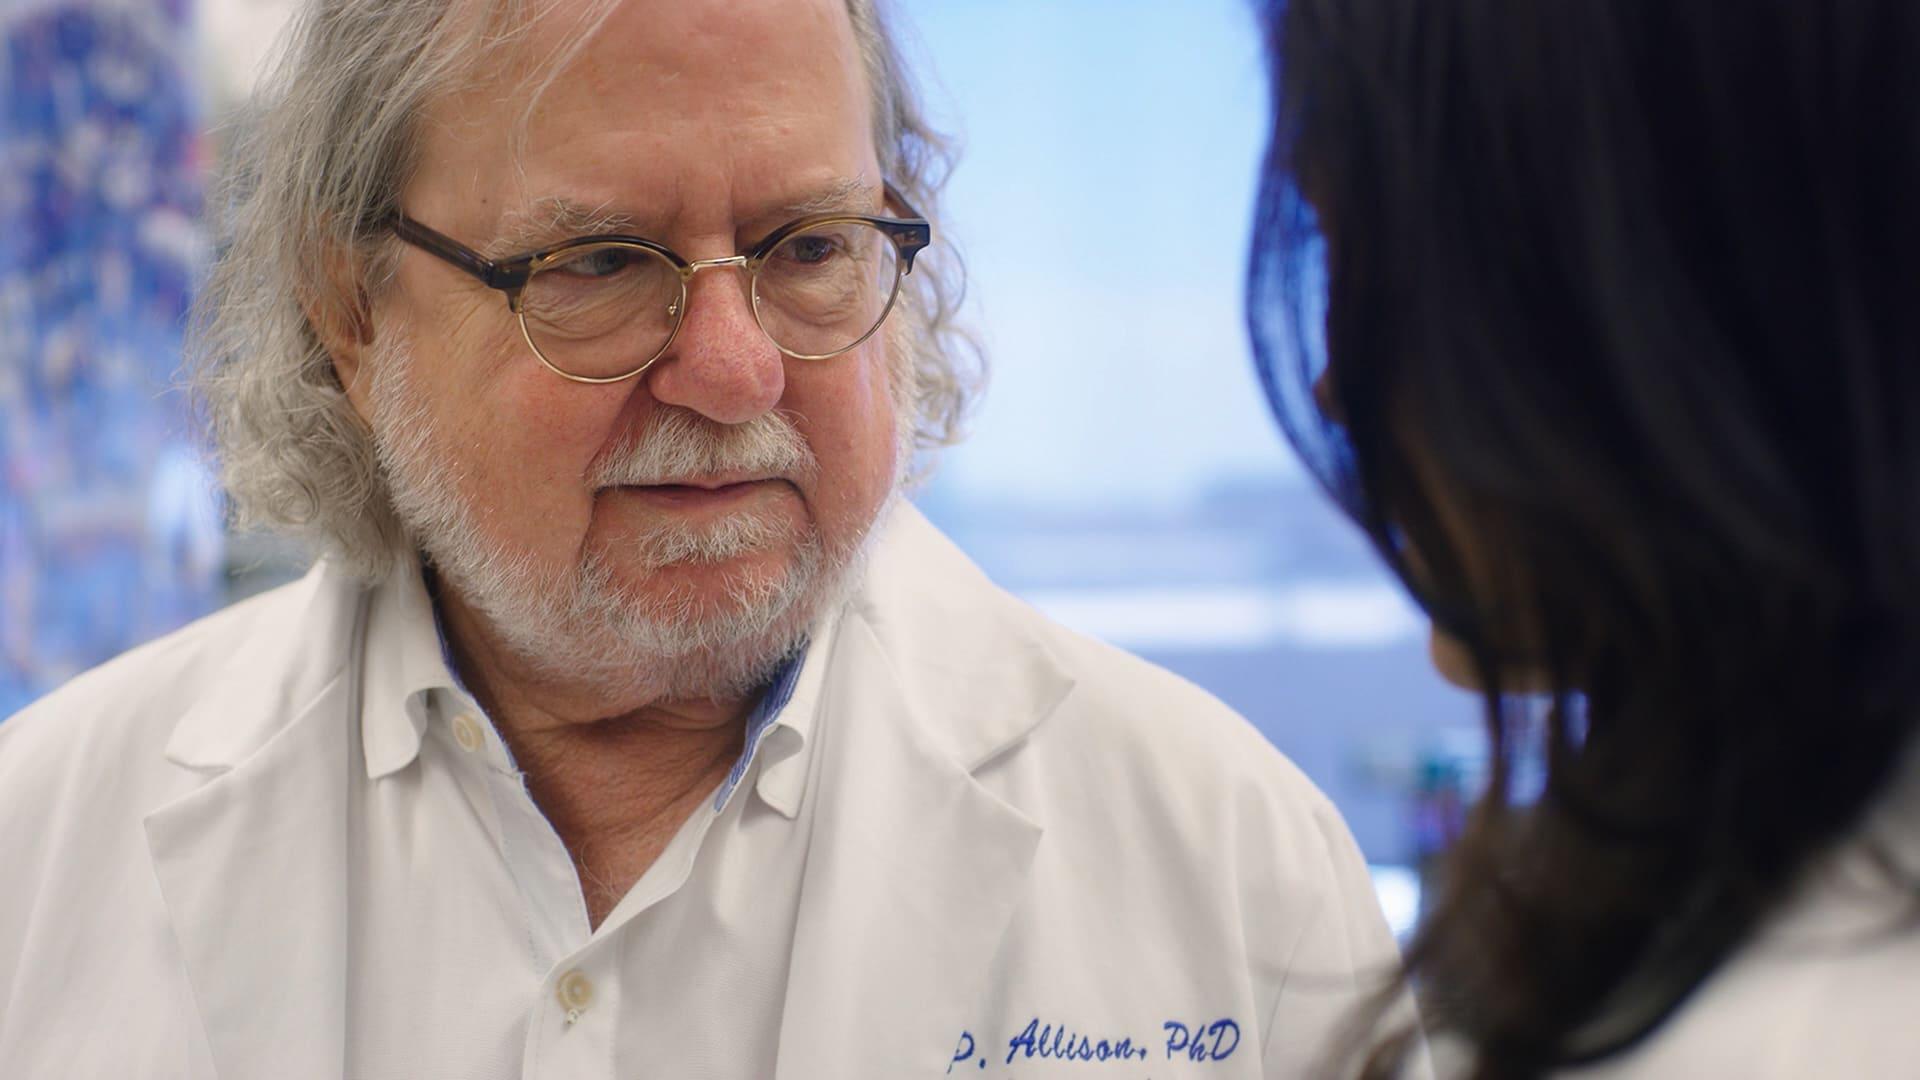 詹姆斯.艾利森在母親因癌早逝之後決心投入醫界,找出治癒癌症的方法